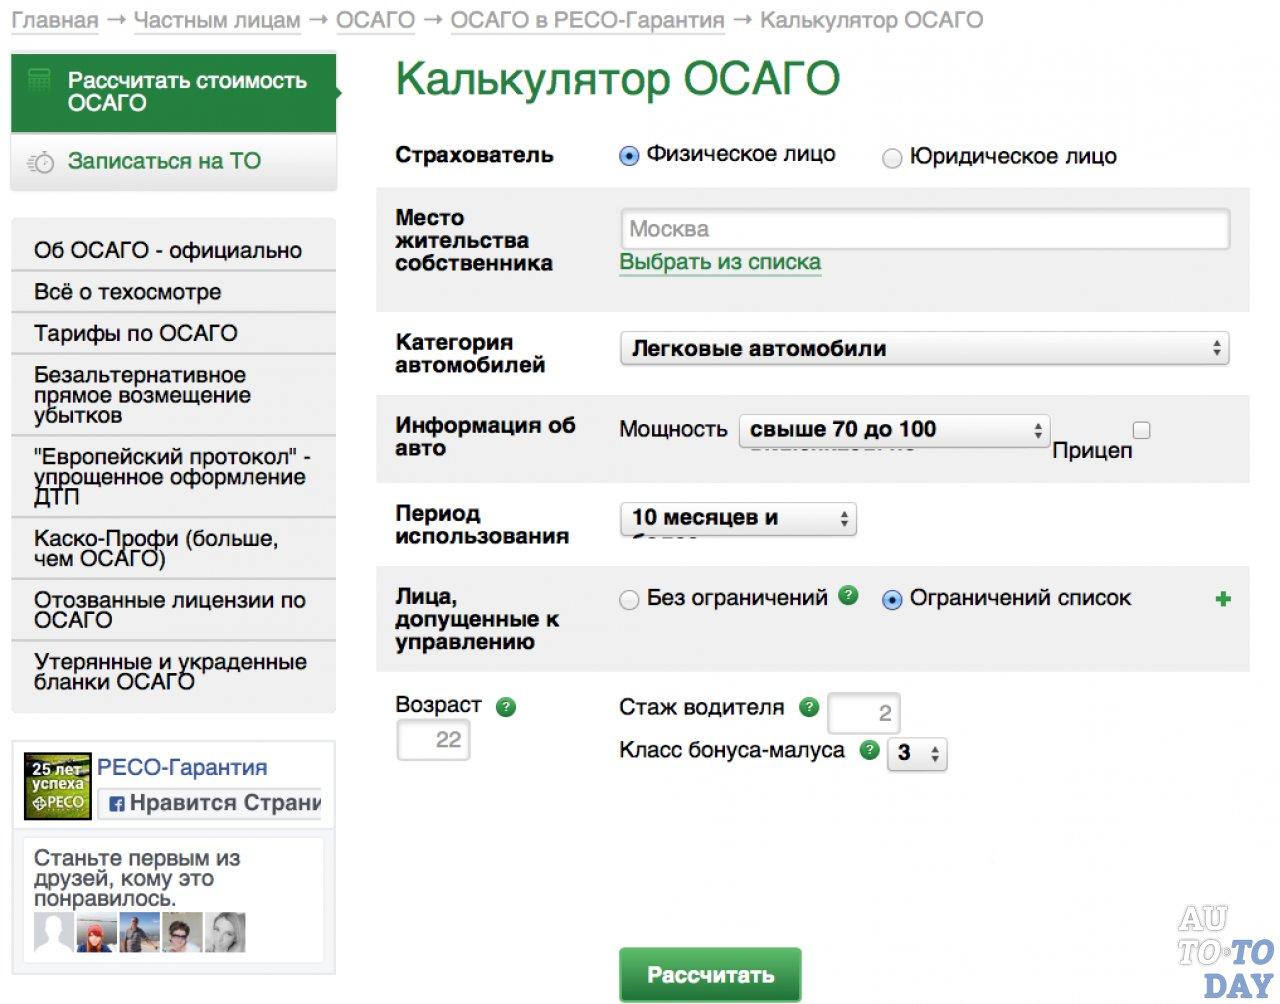 Кредит онлайн для пенсионеров сбербанк